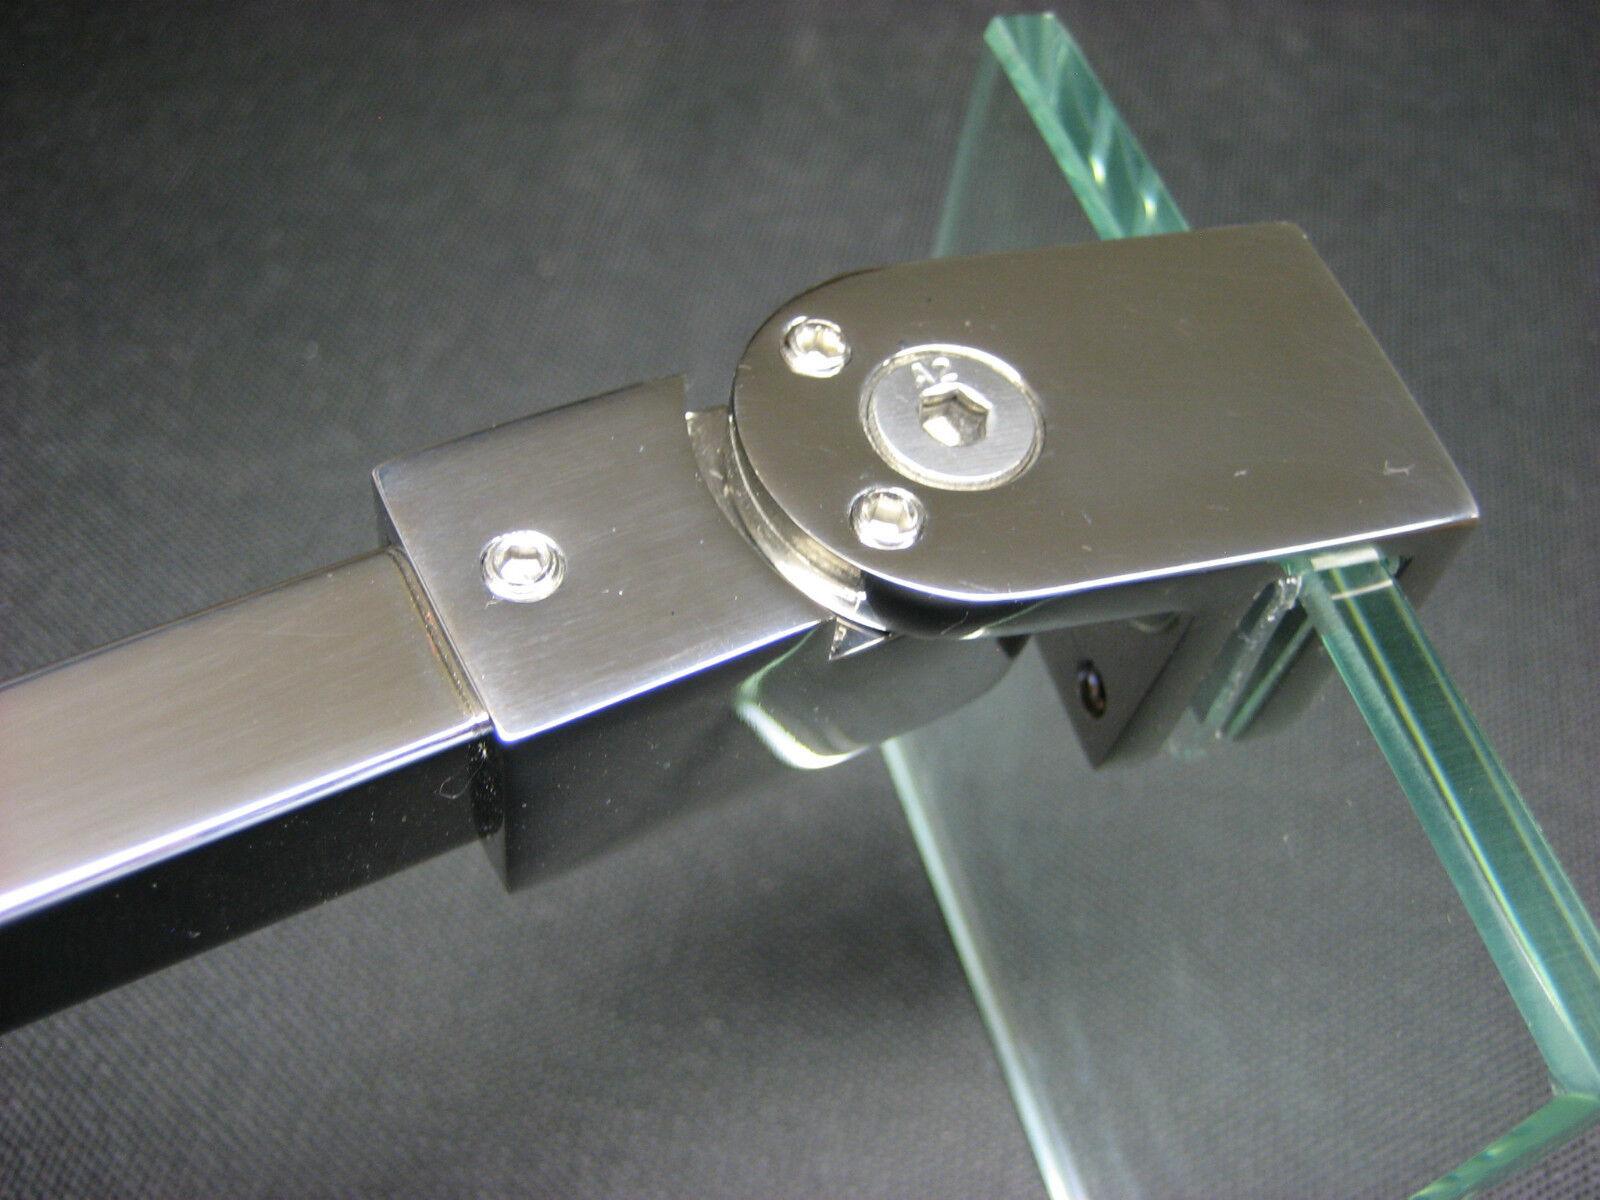 Duschwand Glas Glas Glas Stabilisator Dusche Stabi Haltestange Edelstahl polierte Oberfl. | Outlet Store Online  | Sofortige Lieferung  1cb9af